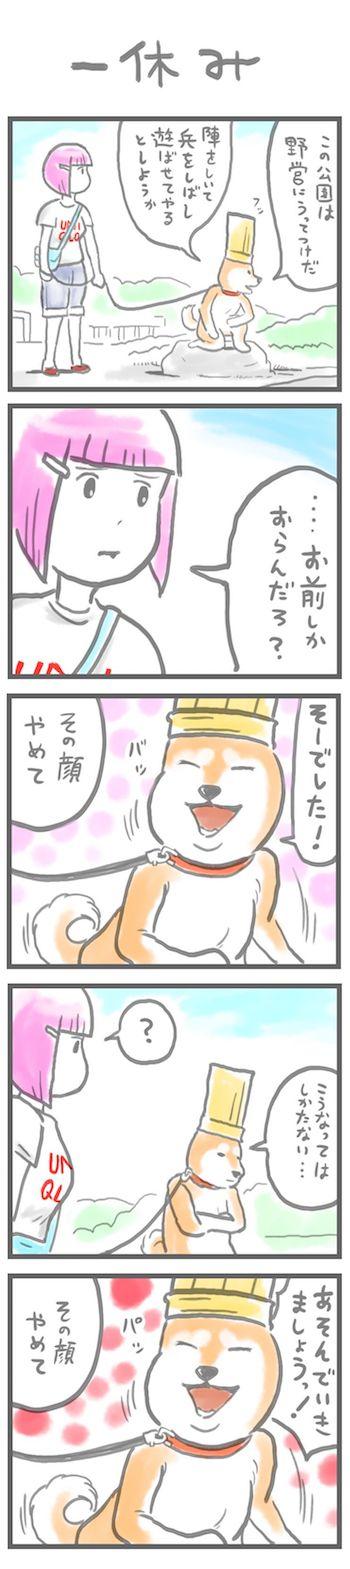 ギャグ漫画「司馬いぬとねこ明 壱」の中身サンプル